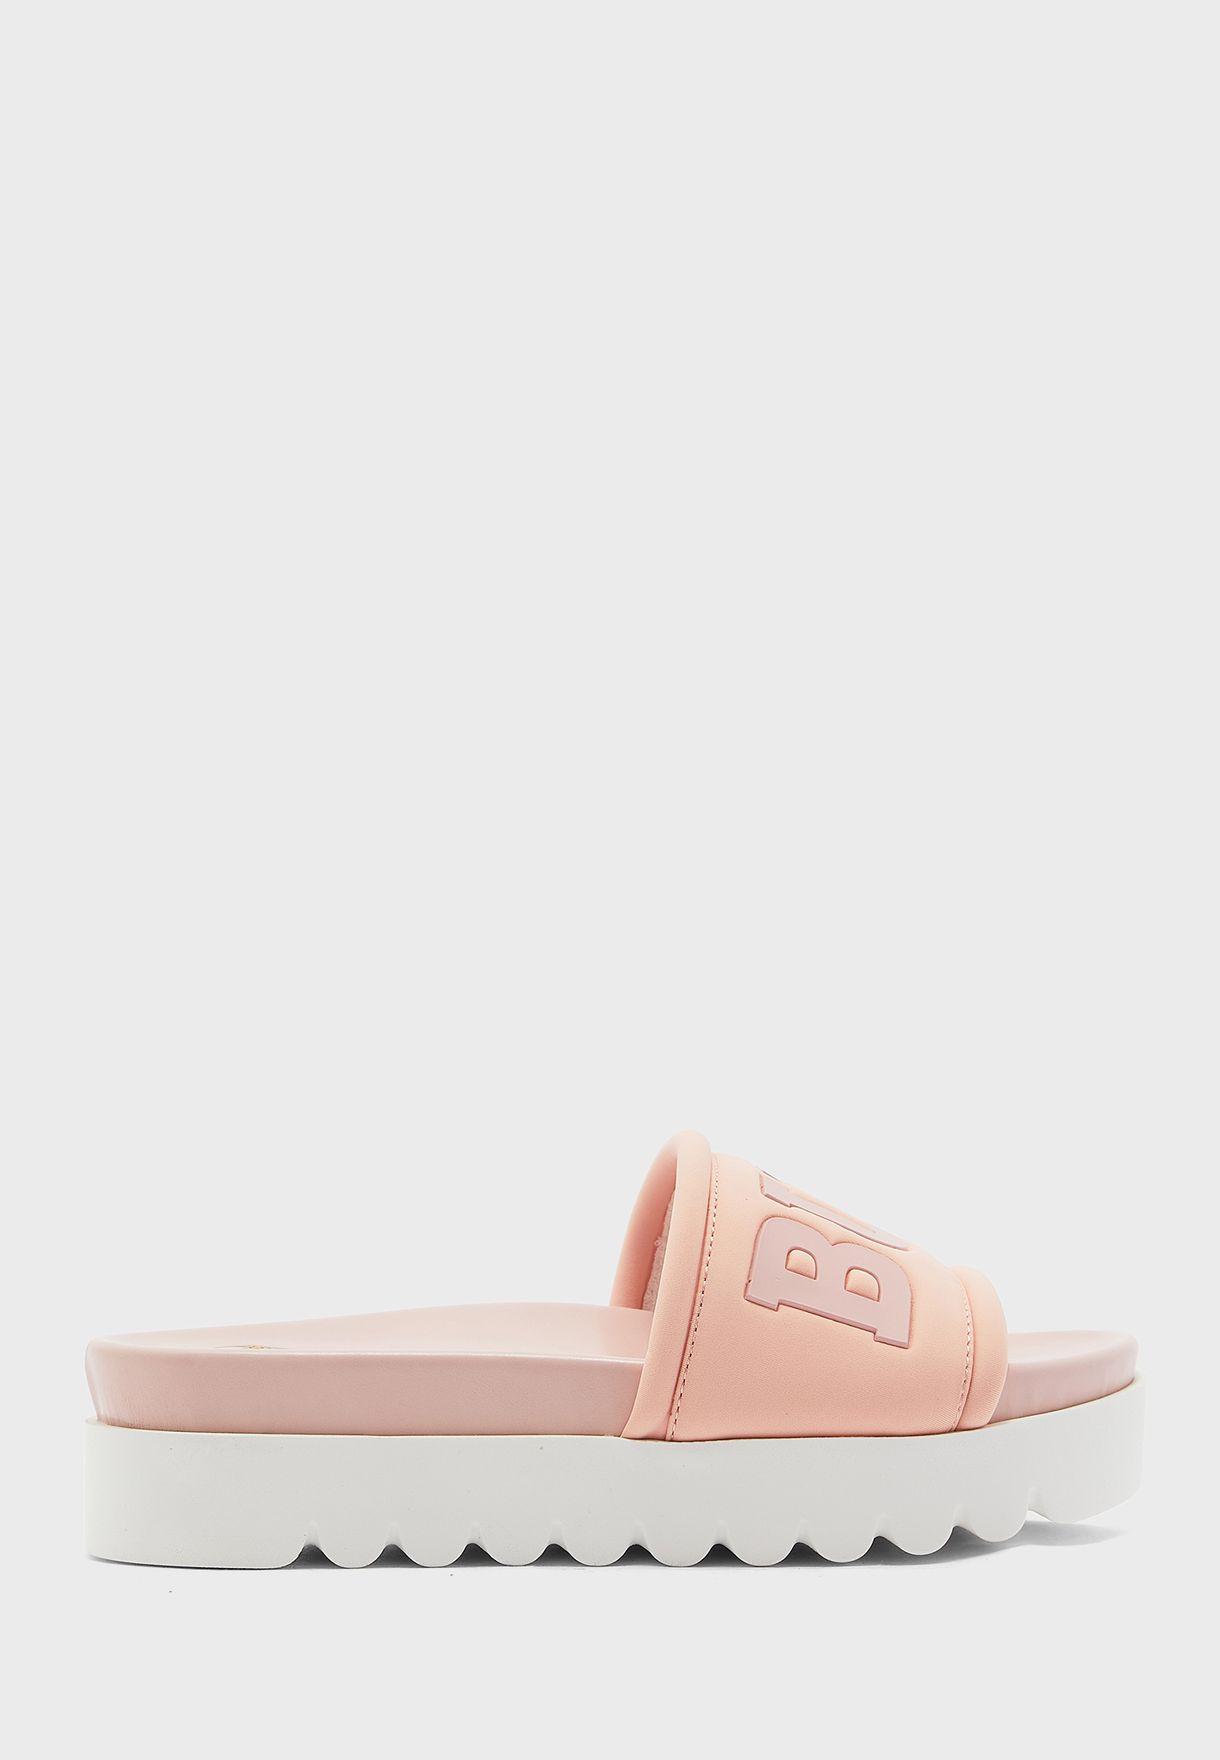 Edona Flat Sandal